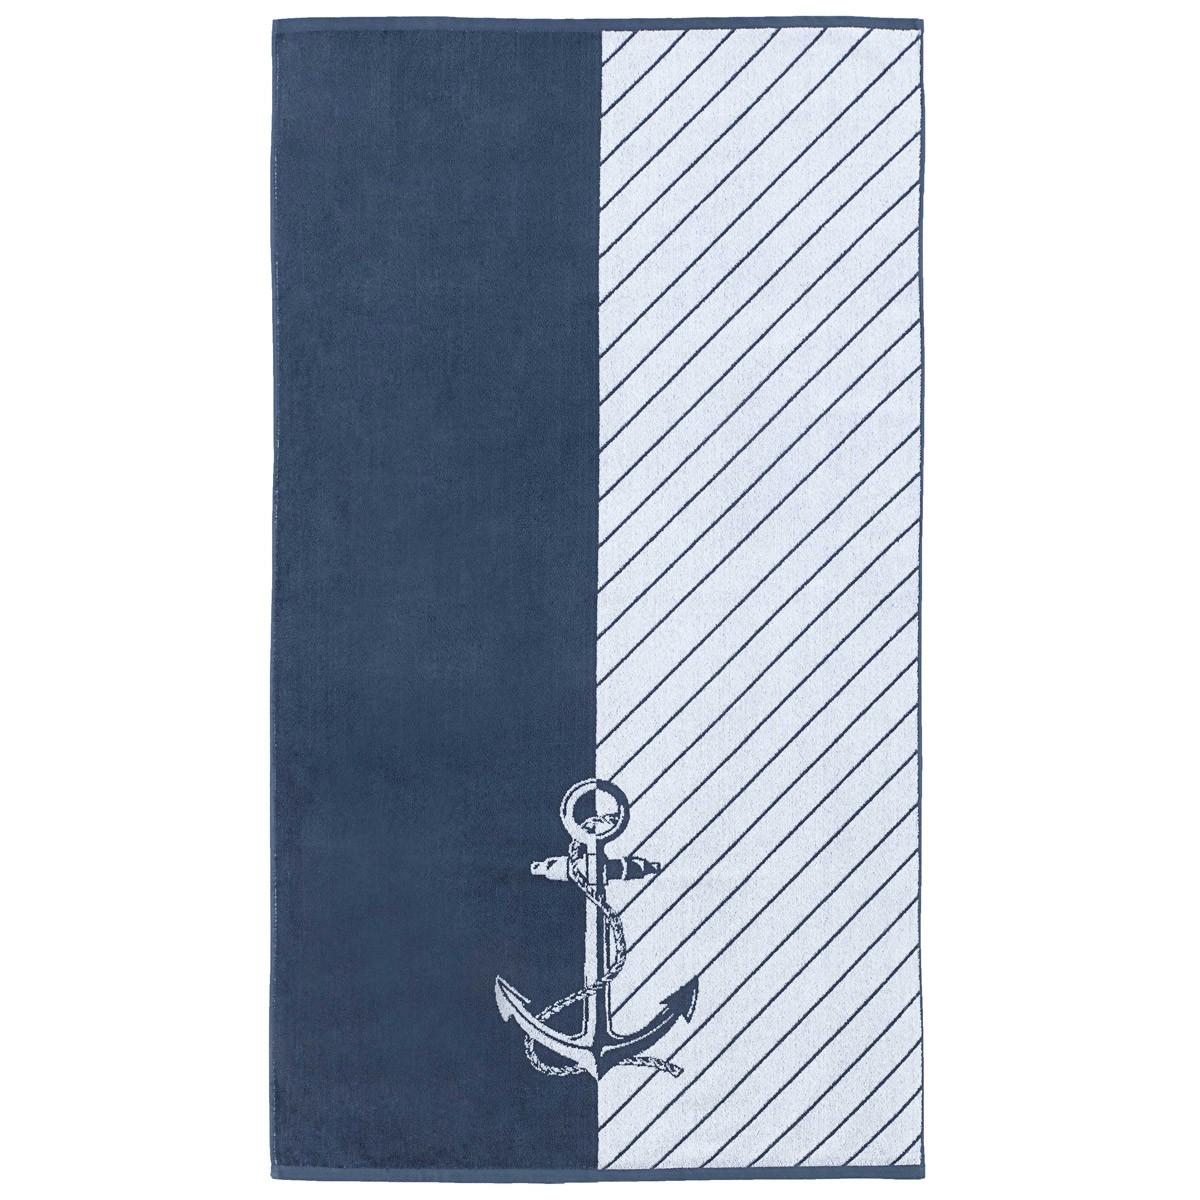 Πετσέτα Θαλάσσης Nima Beach Towels Newport home   θαλάσσης   πετσέτες θαλάσσης ενηλίκων